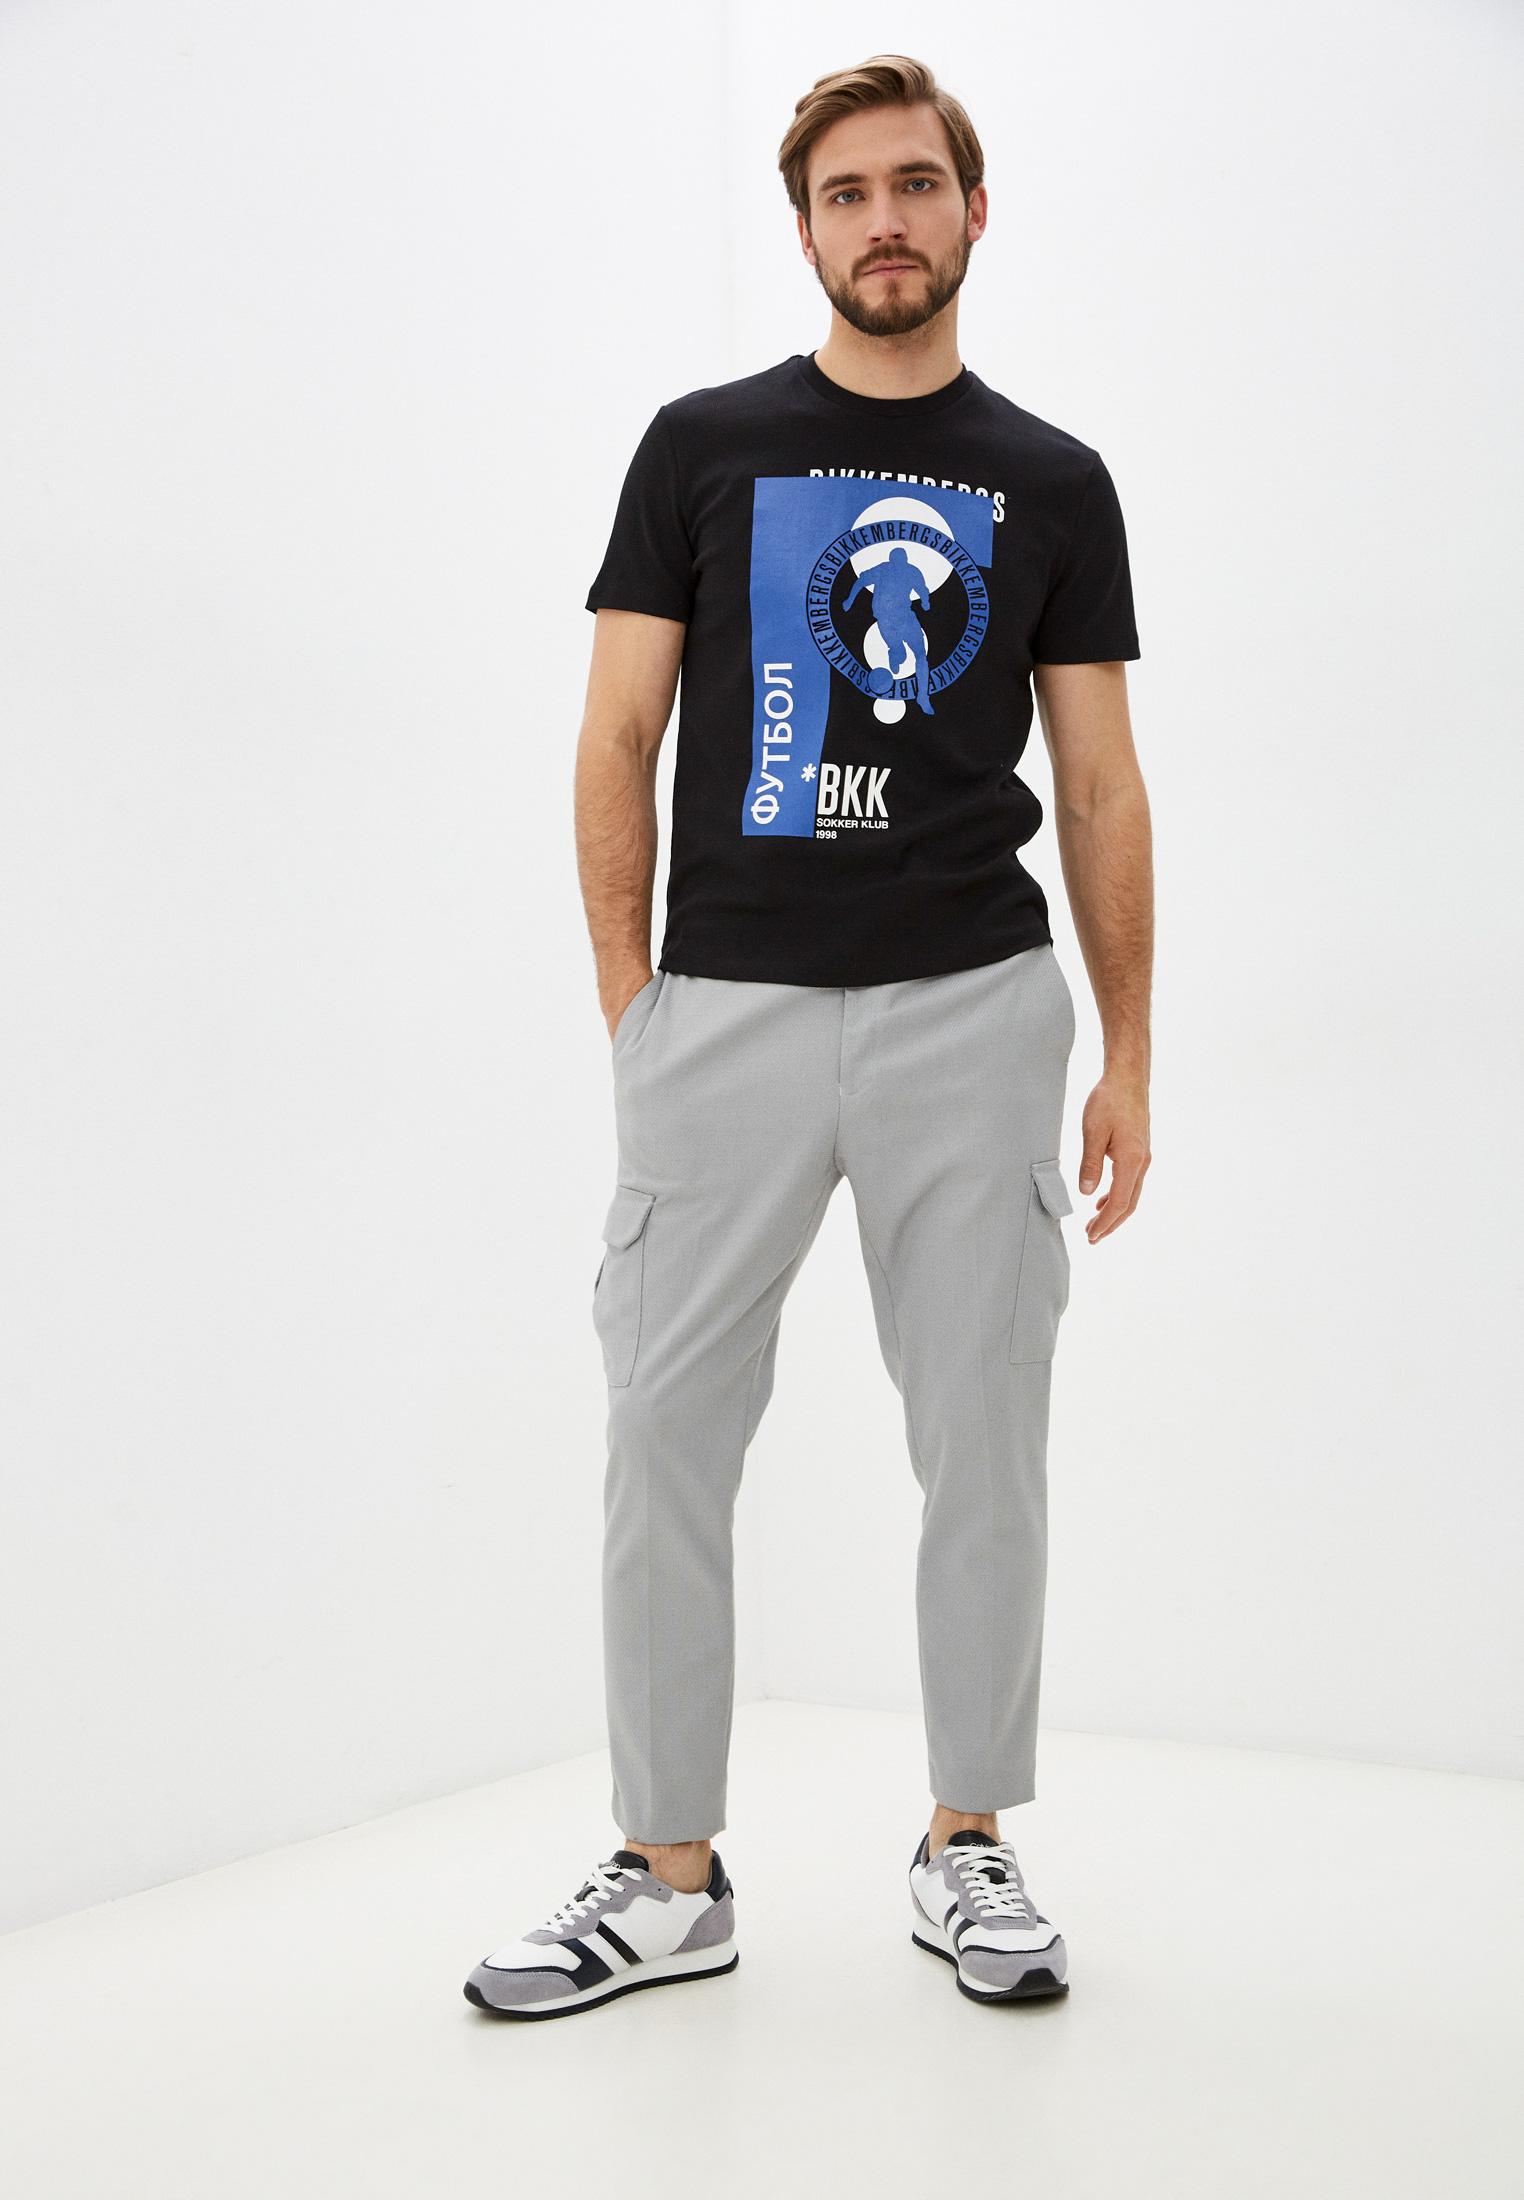 Мужская футболка Bikkembergs (Биккембергс) C 4 101 59 E 2298: изображение 3